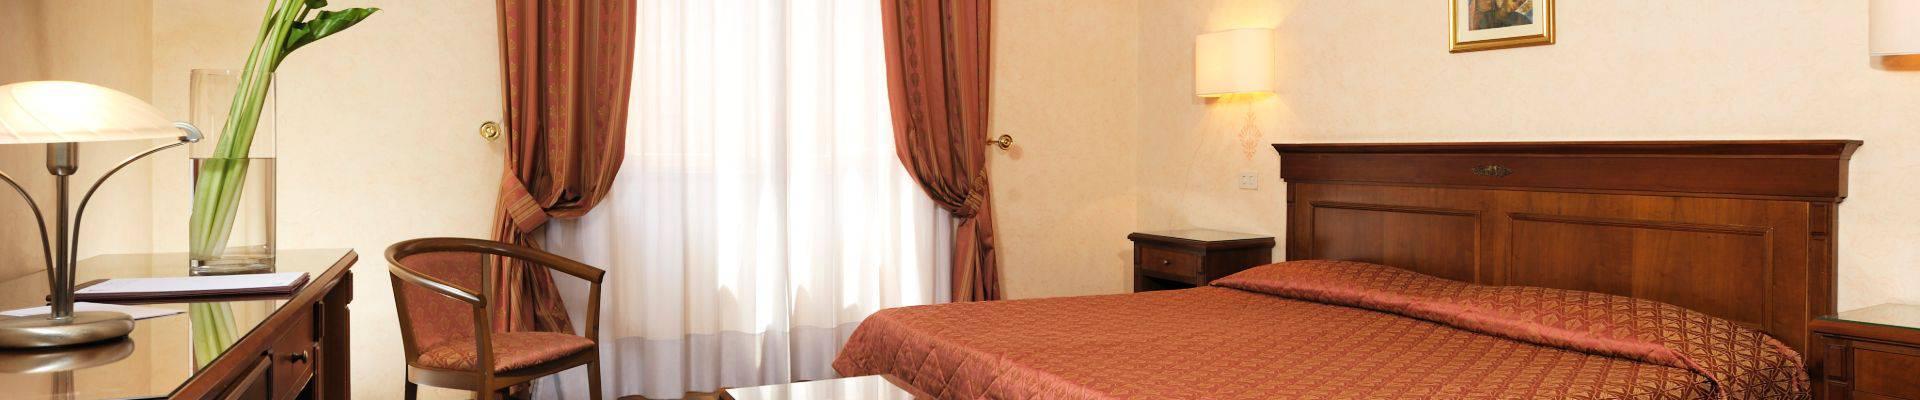 Camera Matrimoniale Per Uso Singolo.Camera Doppia Standard Per Uso Singola Hotel Torino Roma